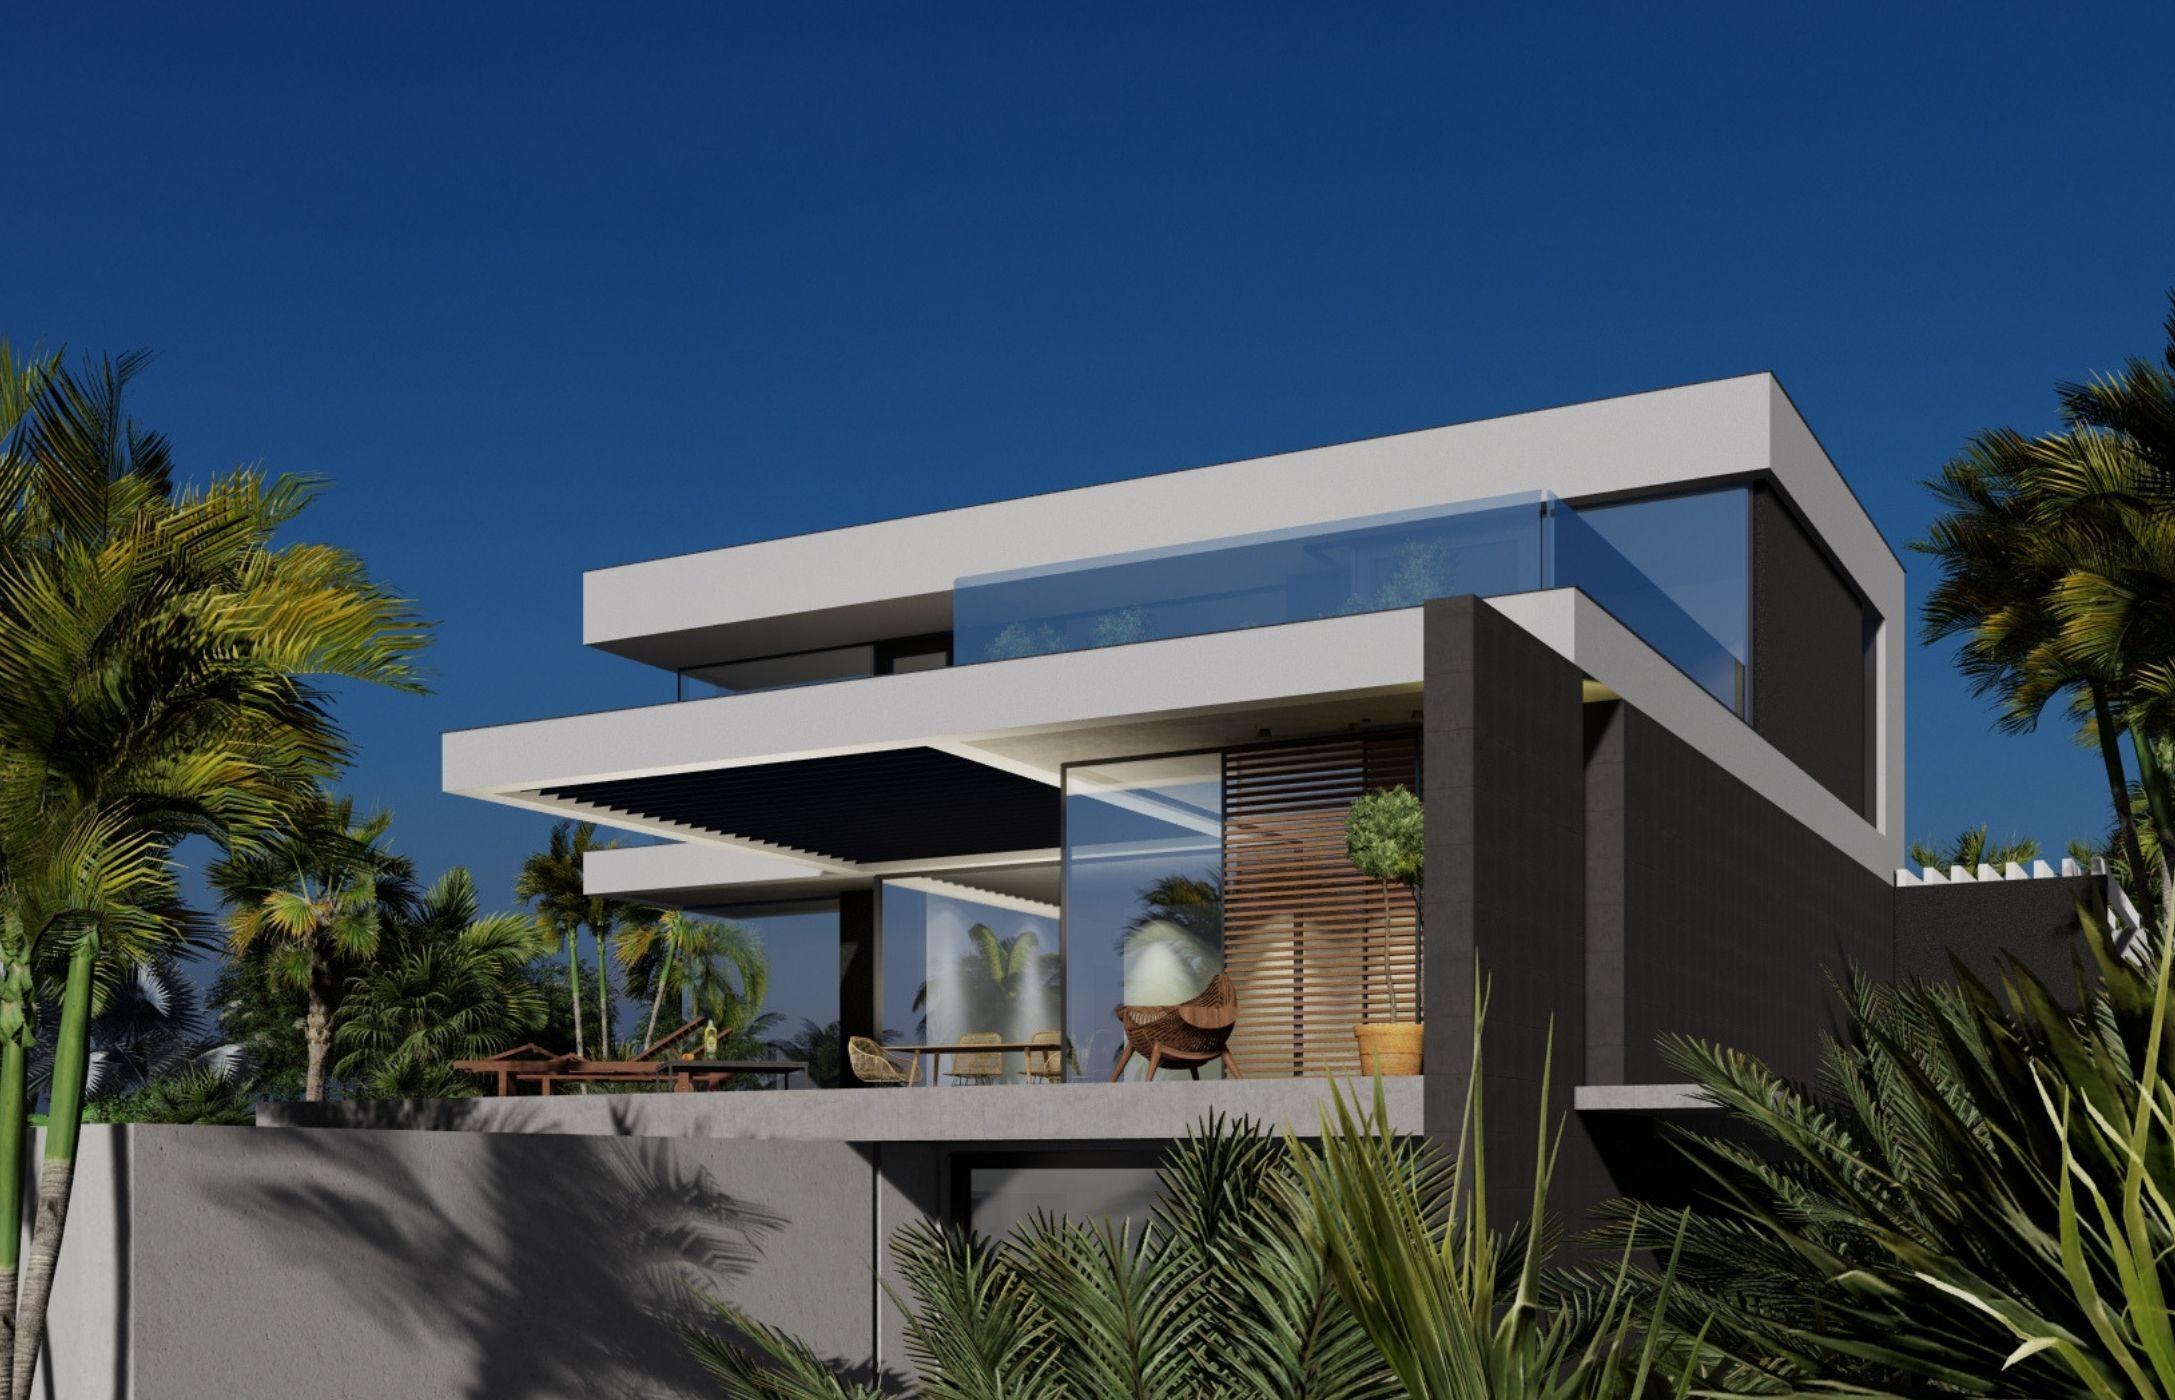 Proyecto de arquitectura del estudio FH2L Arquitectos de una vivienda unifamiliar más pisicna en la URB La Alcaidesa, Málaga.